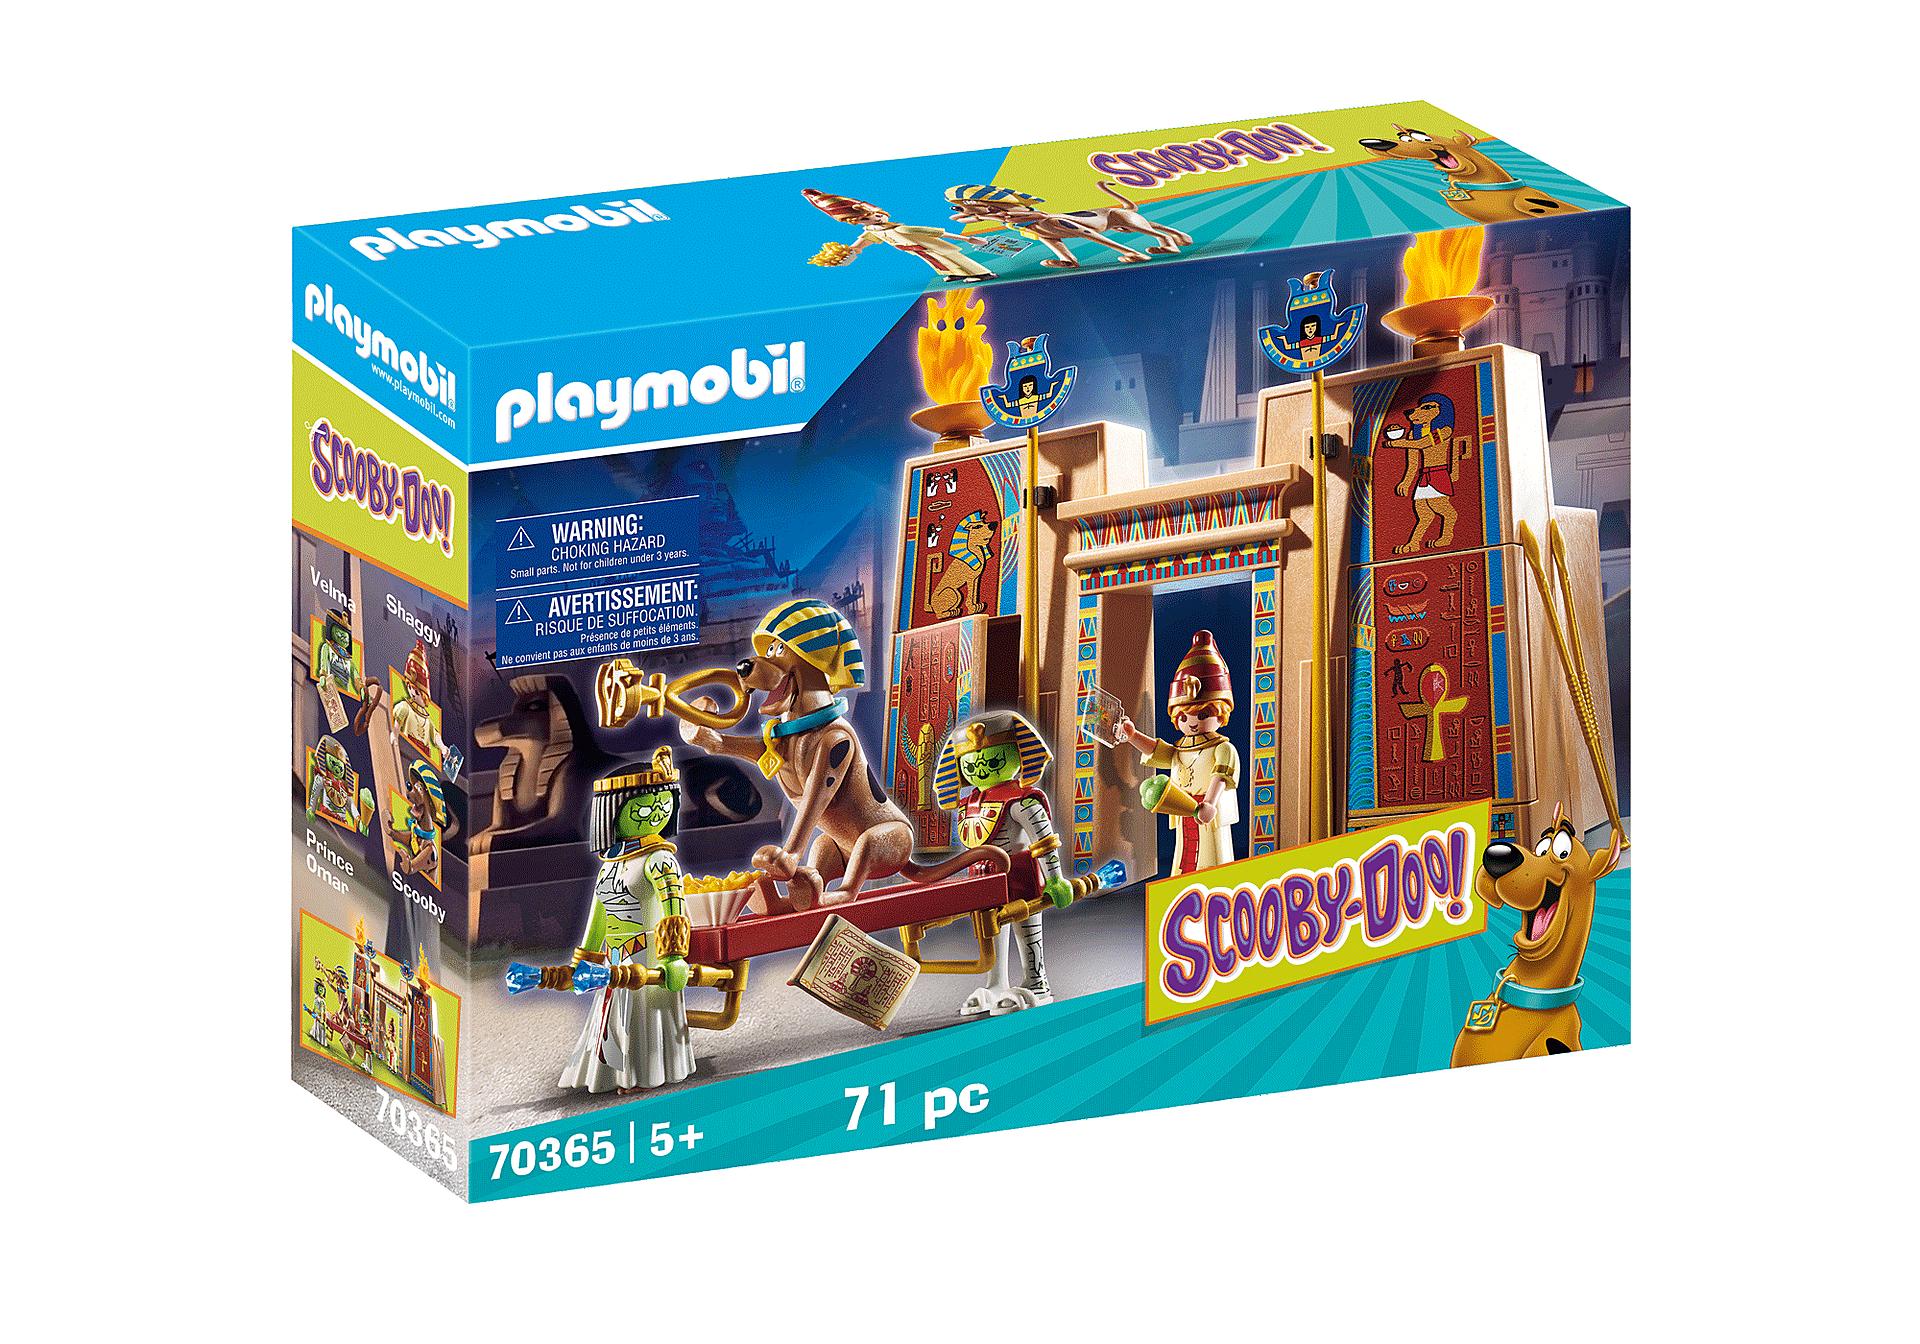 Playmobil - Scooby Doo - Egypt Set (70365)